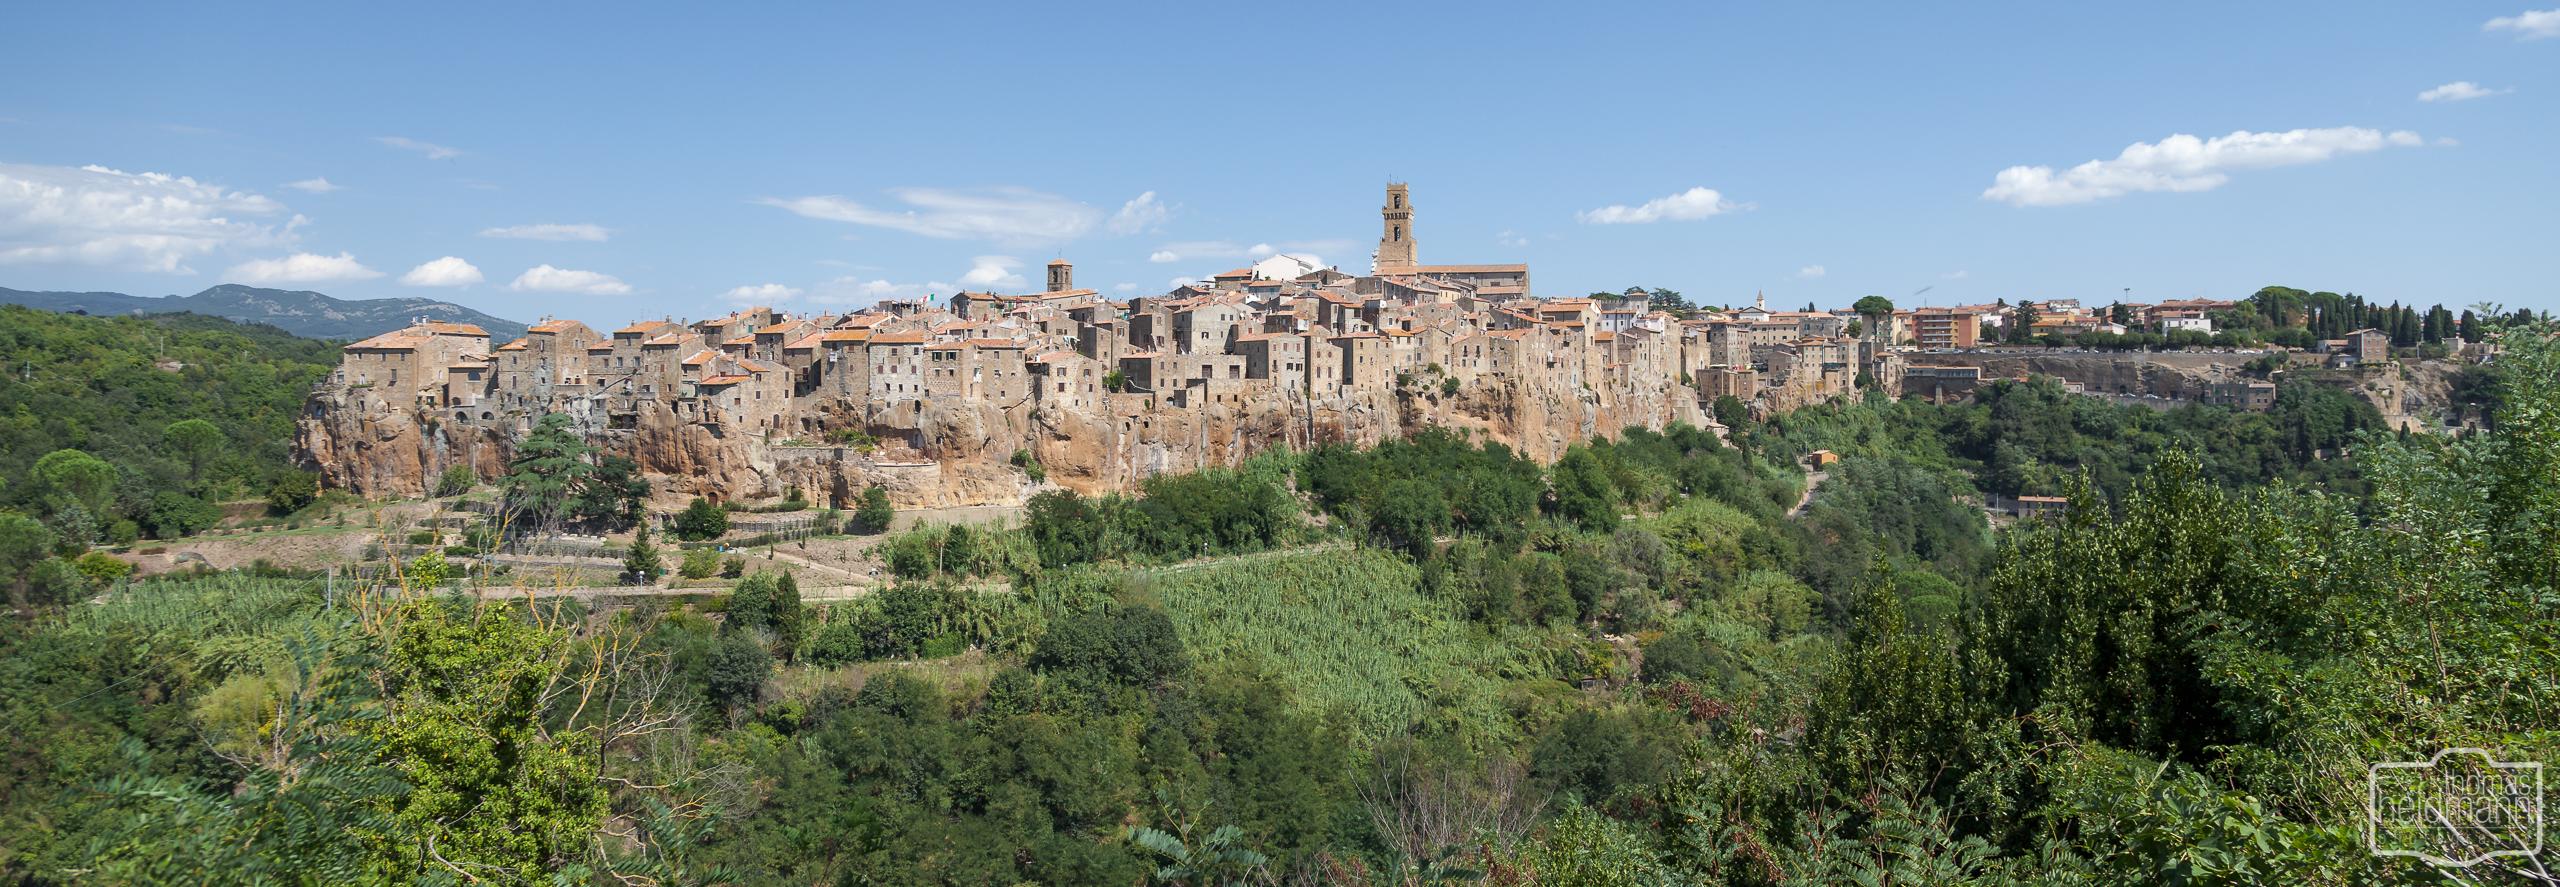 Pitigliano  (Süd-Toskana)